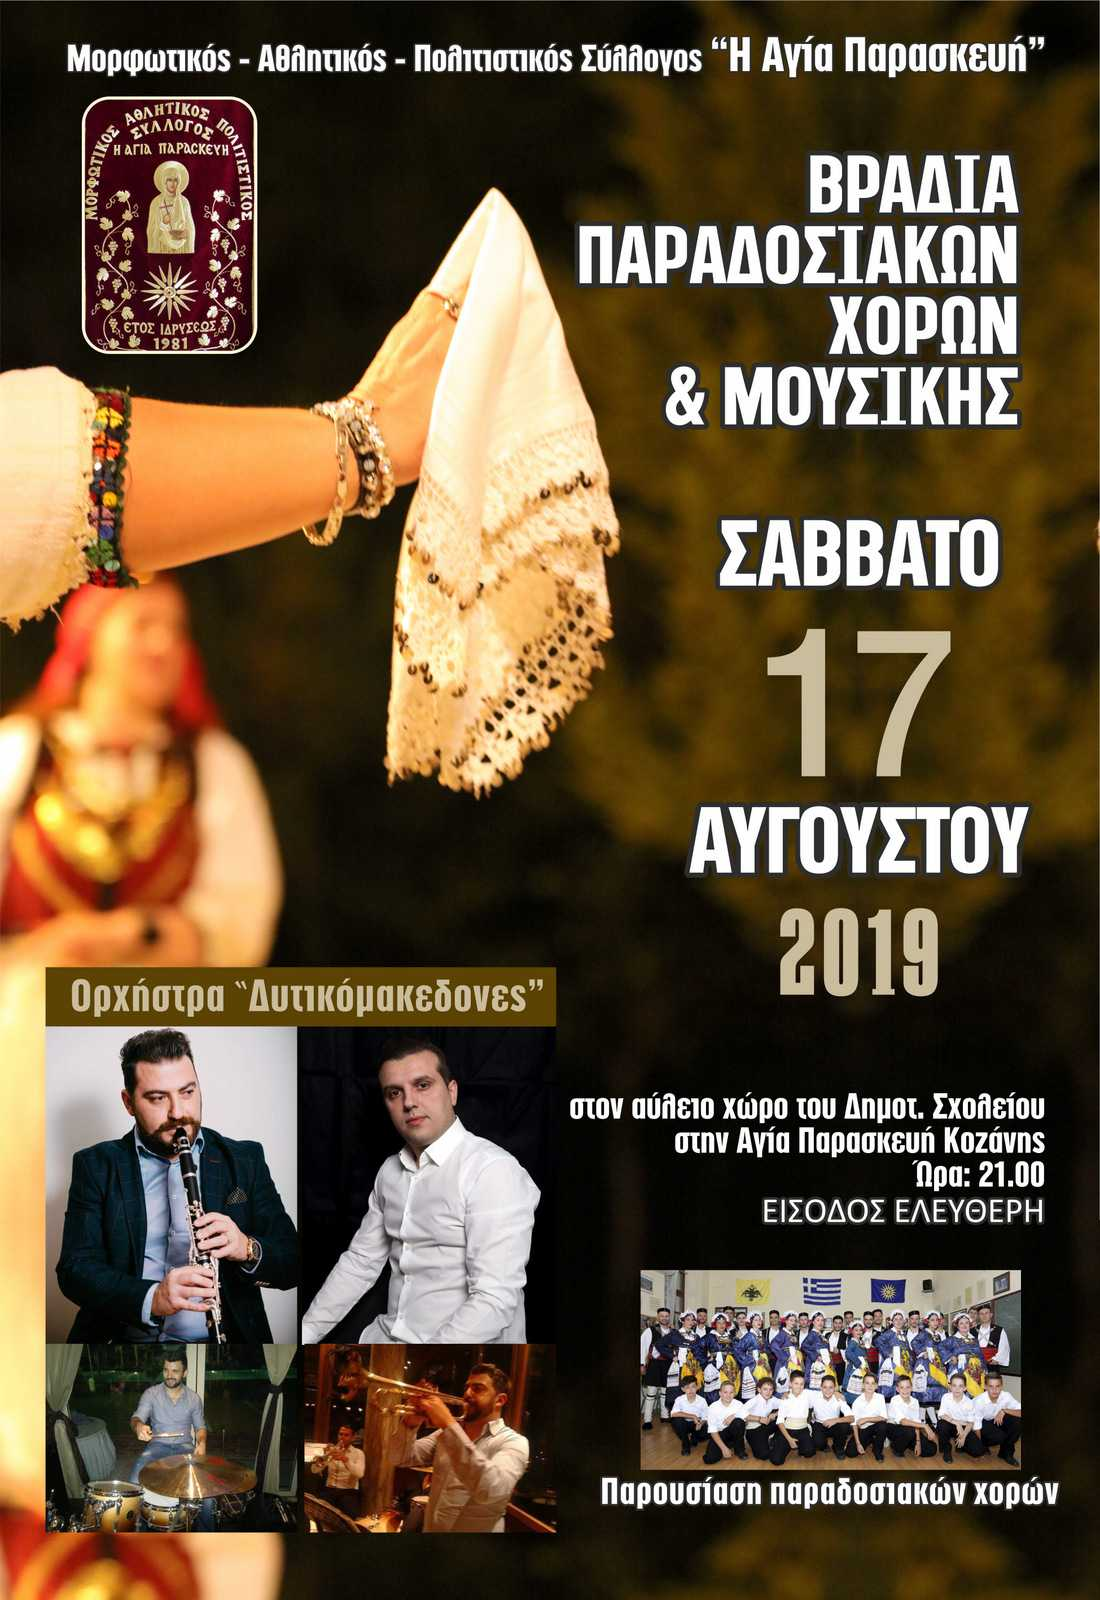 Βραδιά παραδοσιακών χωρών και μουσικής το Σάββατο 17 Αυγούστου στην Αγία Παρασκευή